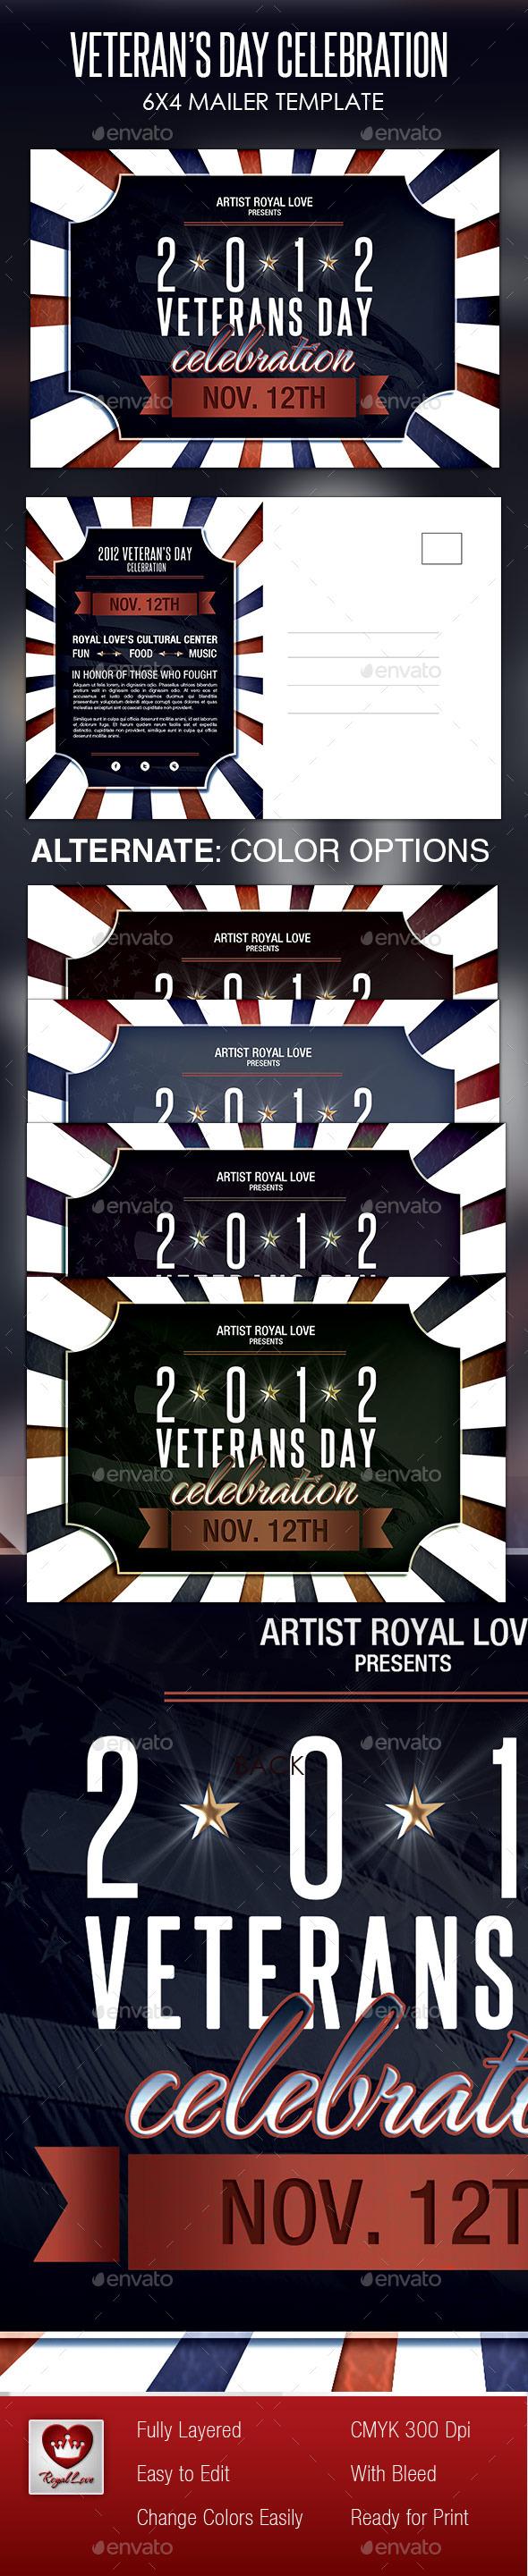 Veterans Day Celebration Mailer